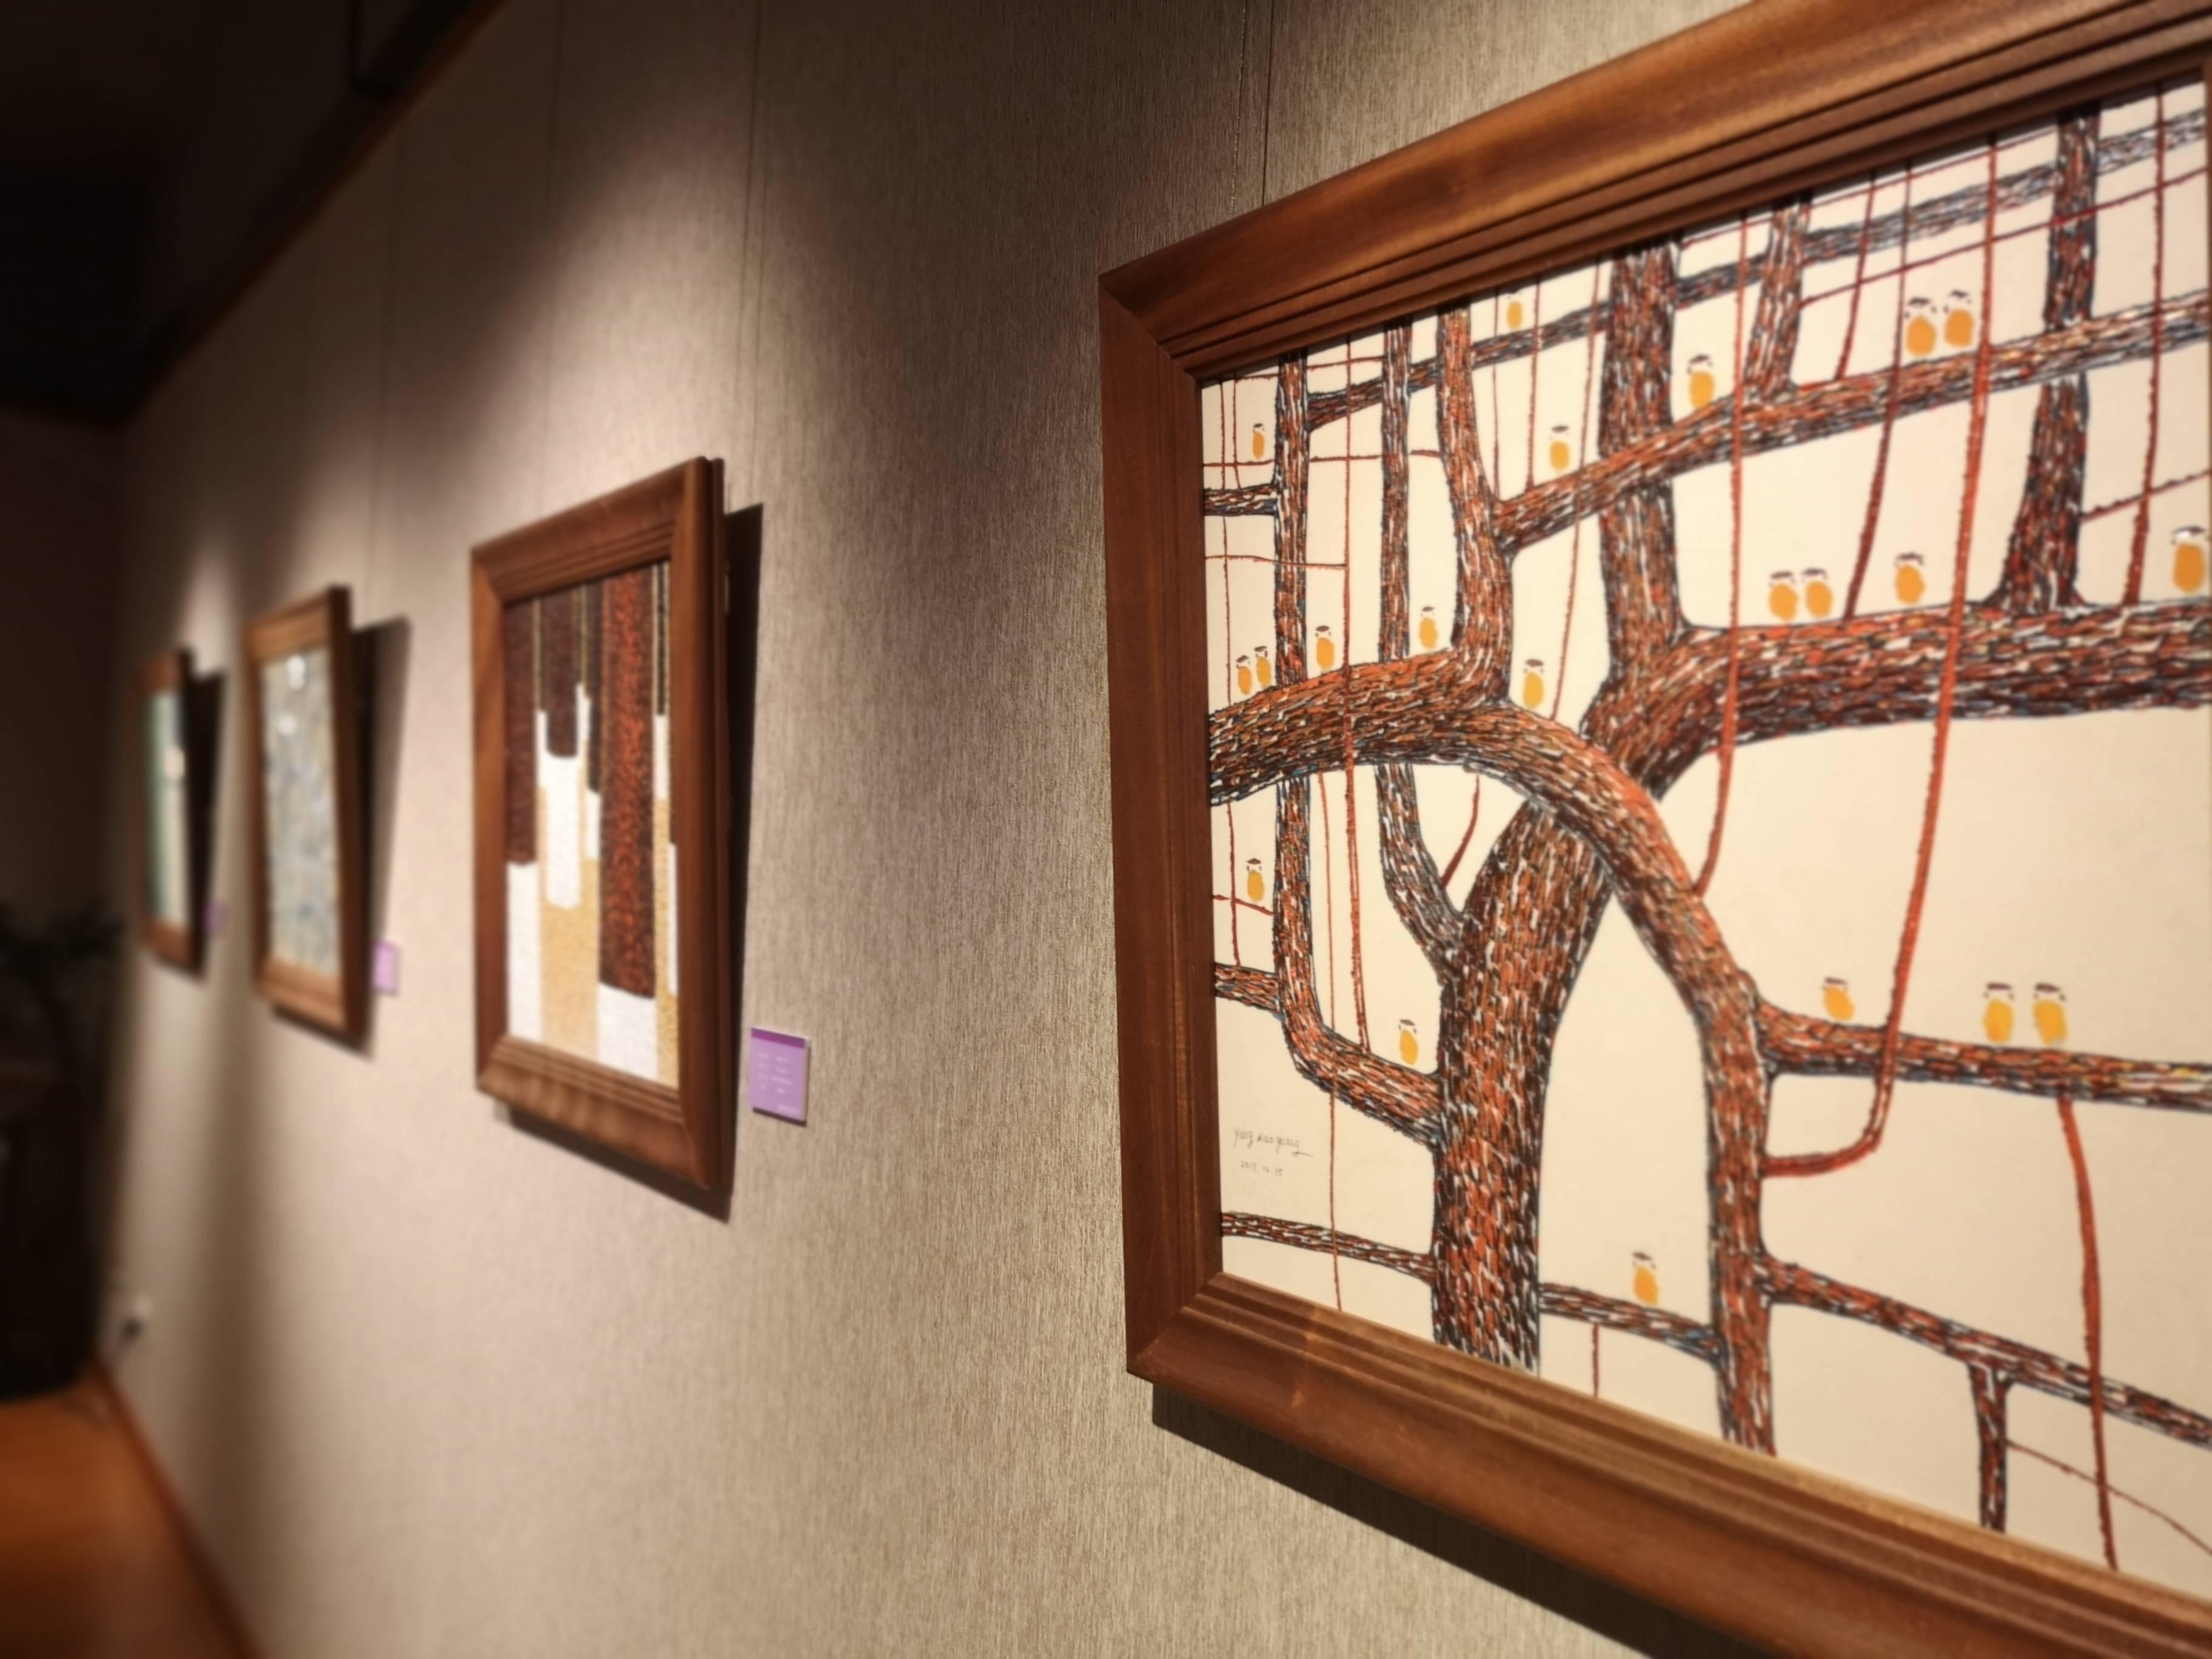 《莞香花开》陶瓷雕刻印象画展在东莞可园开幕